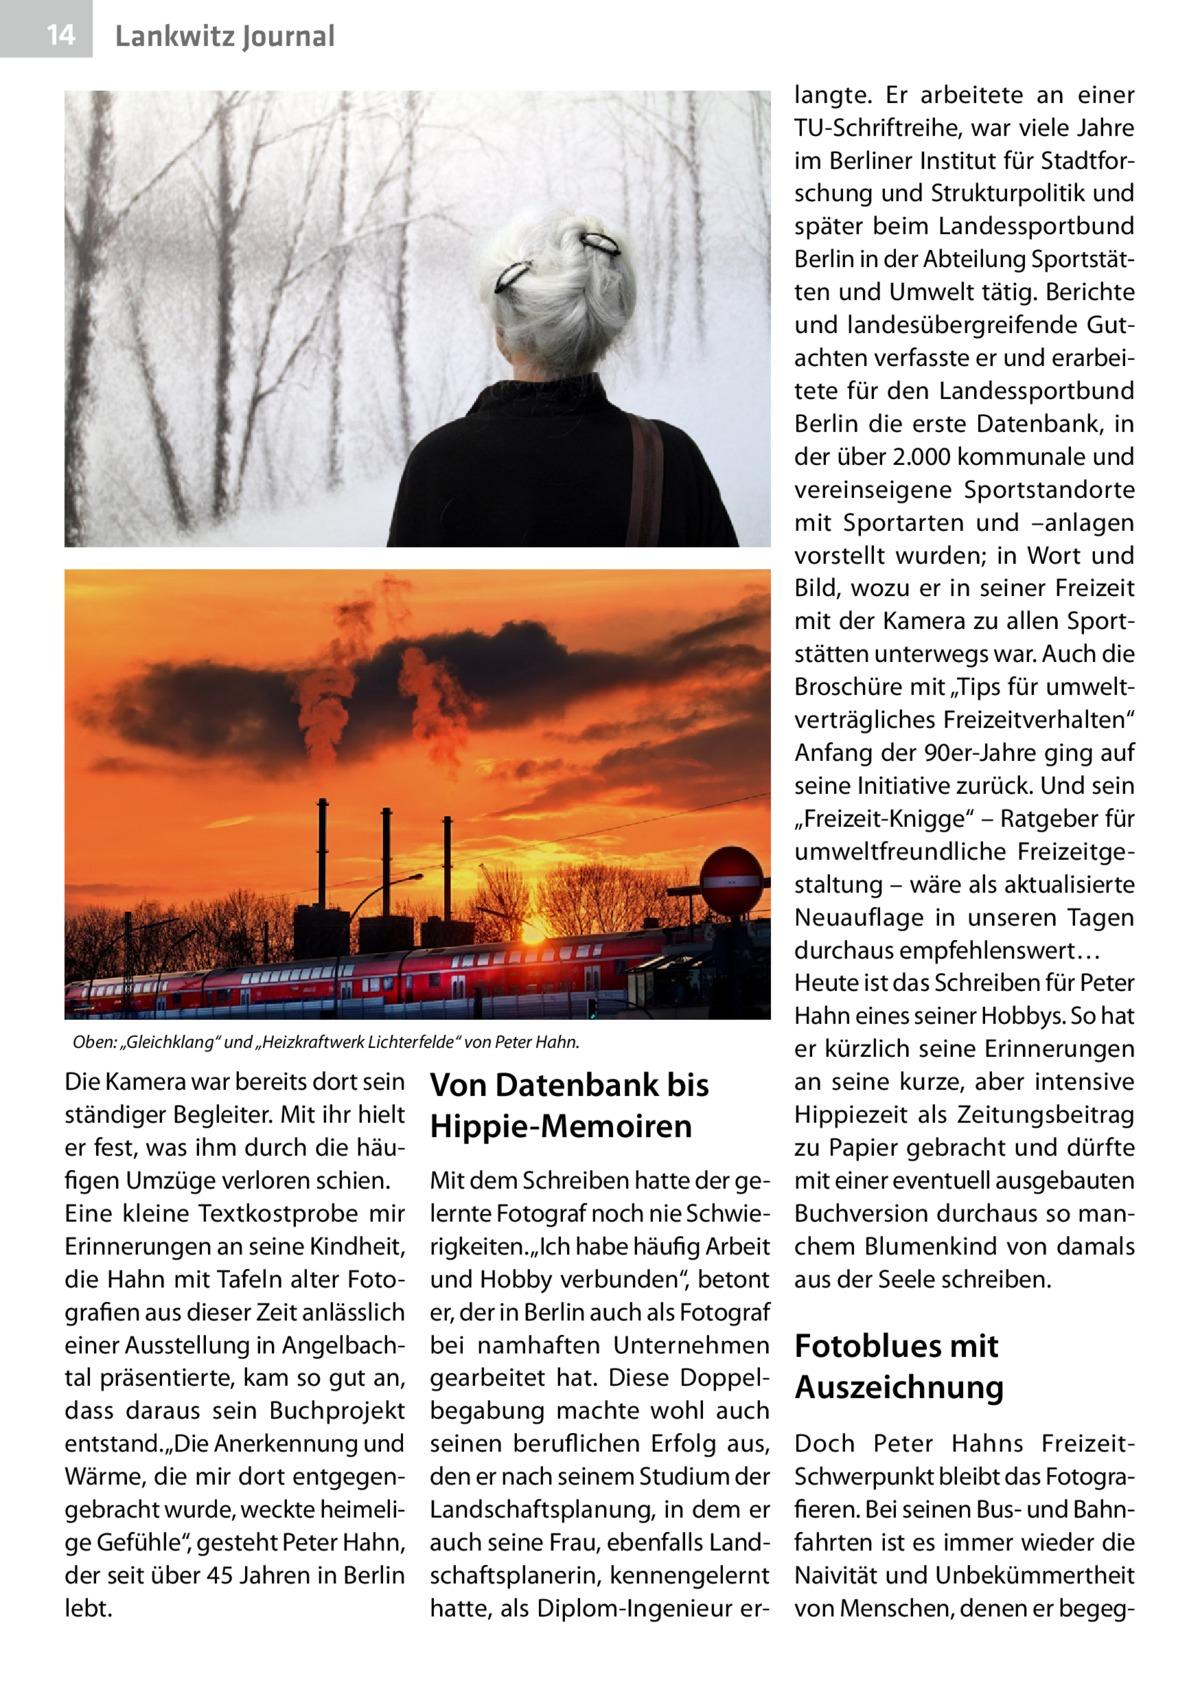 """14  Gesundheit Lankwitz Journal  Oben: """"Gleichklang"""" und """"Heizkraftwerk Lichterfelde"""" von Peter Hahn.  Die Kamera war bereits dort sein ständiger Begleiter. Mit ihr hielt er fest, was ihm durch die häufigen Umzüge verloren schien. Eine kleine Textkostprobe mir Erinnerungen an seine Kindheit, die Hahn mit Tafeln alter Fotografien aus dieser Zeit anlässlich einer Ausstellung in Angelbachtal präsentierte, kam so gut an, dass daraus sein Buchprojekt entstand. """"Die Anerkennung und Wärme, die mir dort entgegengebracht wurde, weckte heimelige Gefühle"""", gesteht Peter Hahn, der seit über 45Jahren in Berlin lebt.  Von Datenbank bis Hippie-Memoiren Mit dem Schreiben hatte der gelernte Fotograf noch nie Schwierigkeiten. """"Ich habe häufig Arbeit und Hobby verbunden"""", betont er, der in Berlin auch als Fotograf bei namhaften Unternehmen gearbeitet hat. Diese Doppelbegabung machte wohl auch seinen beruflichen Erfolg aus, den er nach seinem Studium der Landschaftsplanung, in dem er auch seine Frau, ebenfalls Landschaftsplanerin, kennengelernt hatte, als Diplom-Ingenieur er langte. Er arbeitete an einer TU-Schriftreihe, war viele Jahre im Berliner Institut für Stadtforschung und Strukturpolitik und später beim Landessportbund Berlin in der Abteilung Sportstätten und Umwelt tätig. Berichte und landesübergreifende Gutachten verfasste er und erarbeitete für den Landessportbund Berlin die erste Datenbank, in der über 2.000 kommunale und vereinseigene Sportstandorte mit Sportarten und –anlagen vorstellt wurden; in Wort und Bild, wozu er in seiner Freizeit mit der Kamera zu allen Sportstätten unterwegs war. Auch die Broschüre mit """"Tips für umweltverträgliches Freizeitverhalten"""" Anfang der 90er-Jahre ging auf seine Initiative zurück. Und sein """"Freizeit-Knigge"""" – Ratgeber für umweltfreundliche Freizeitgestaltung – wäre als aktualisierte Neuauflage in unseren Tagen durchaus empfehlenswert… Heute ist das Schreiben für Peter Hahn eines seiner Hobbys. So hat er kürzlich seine Erinnerungen an sein"""